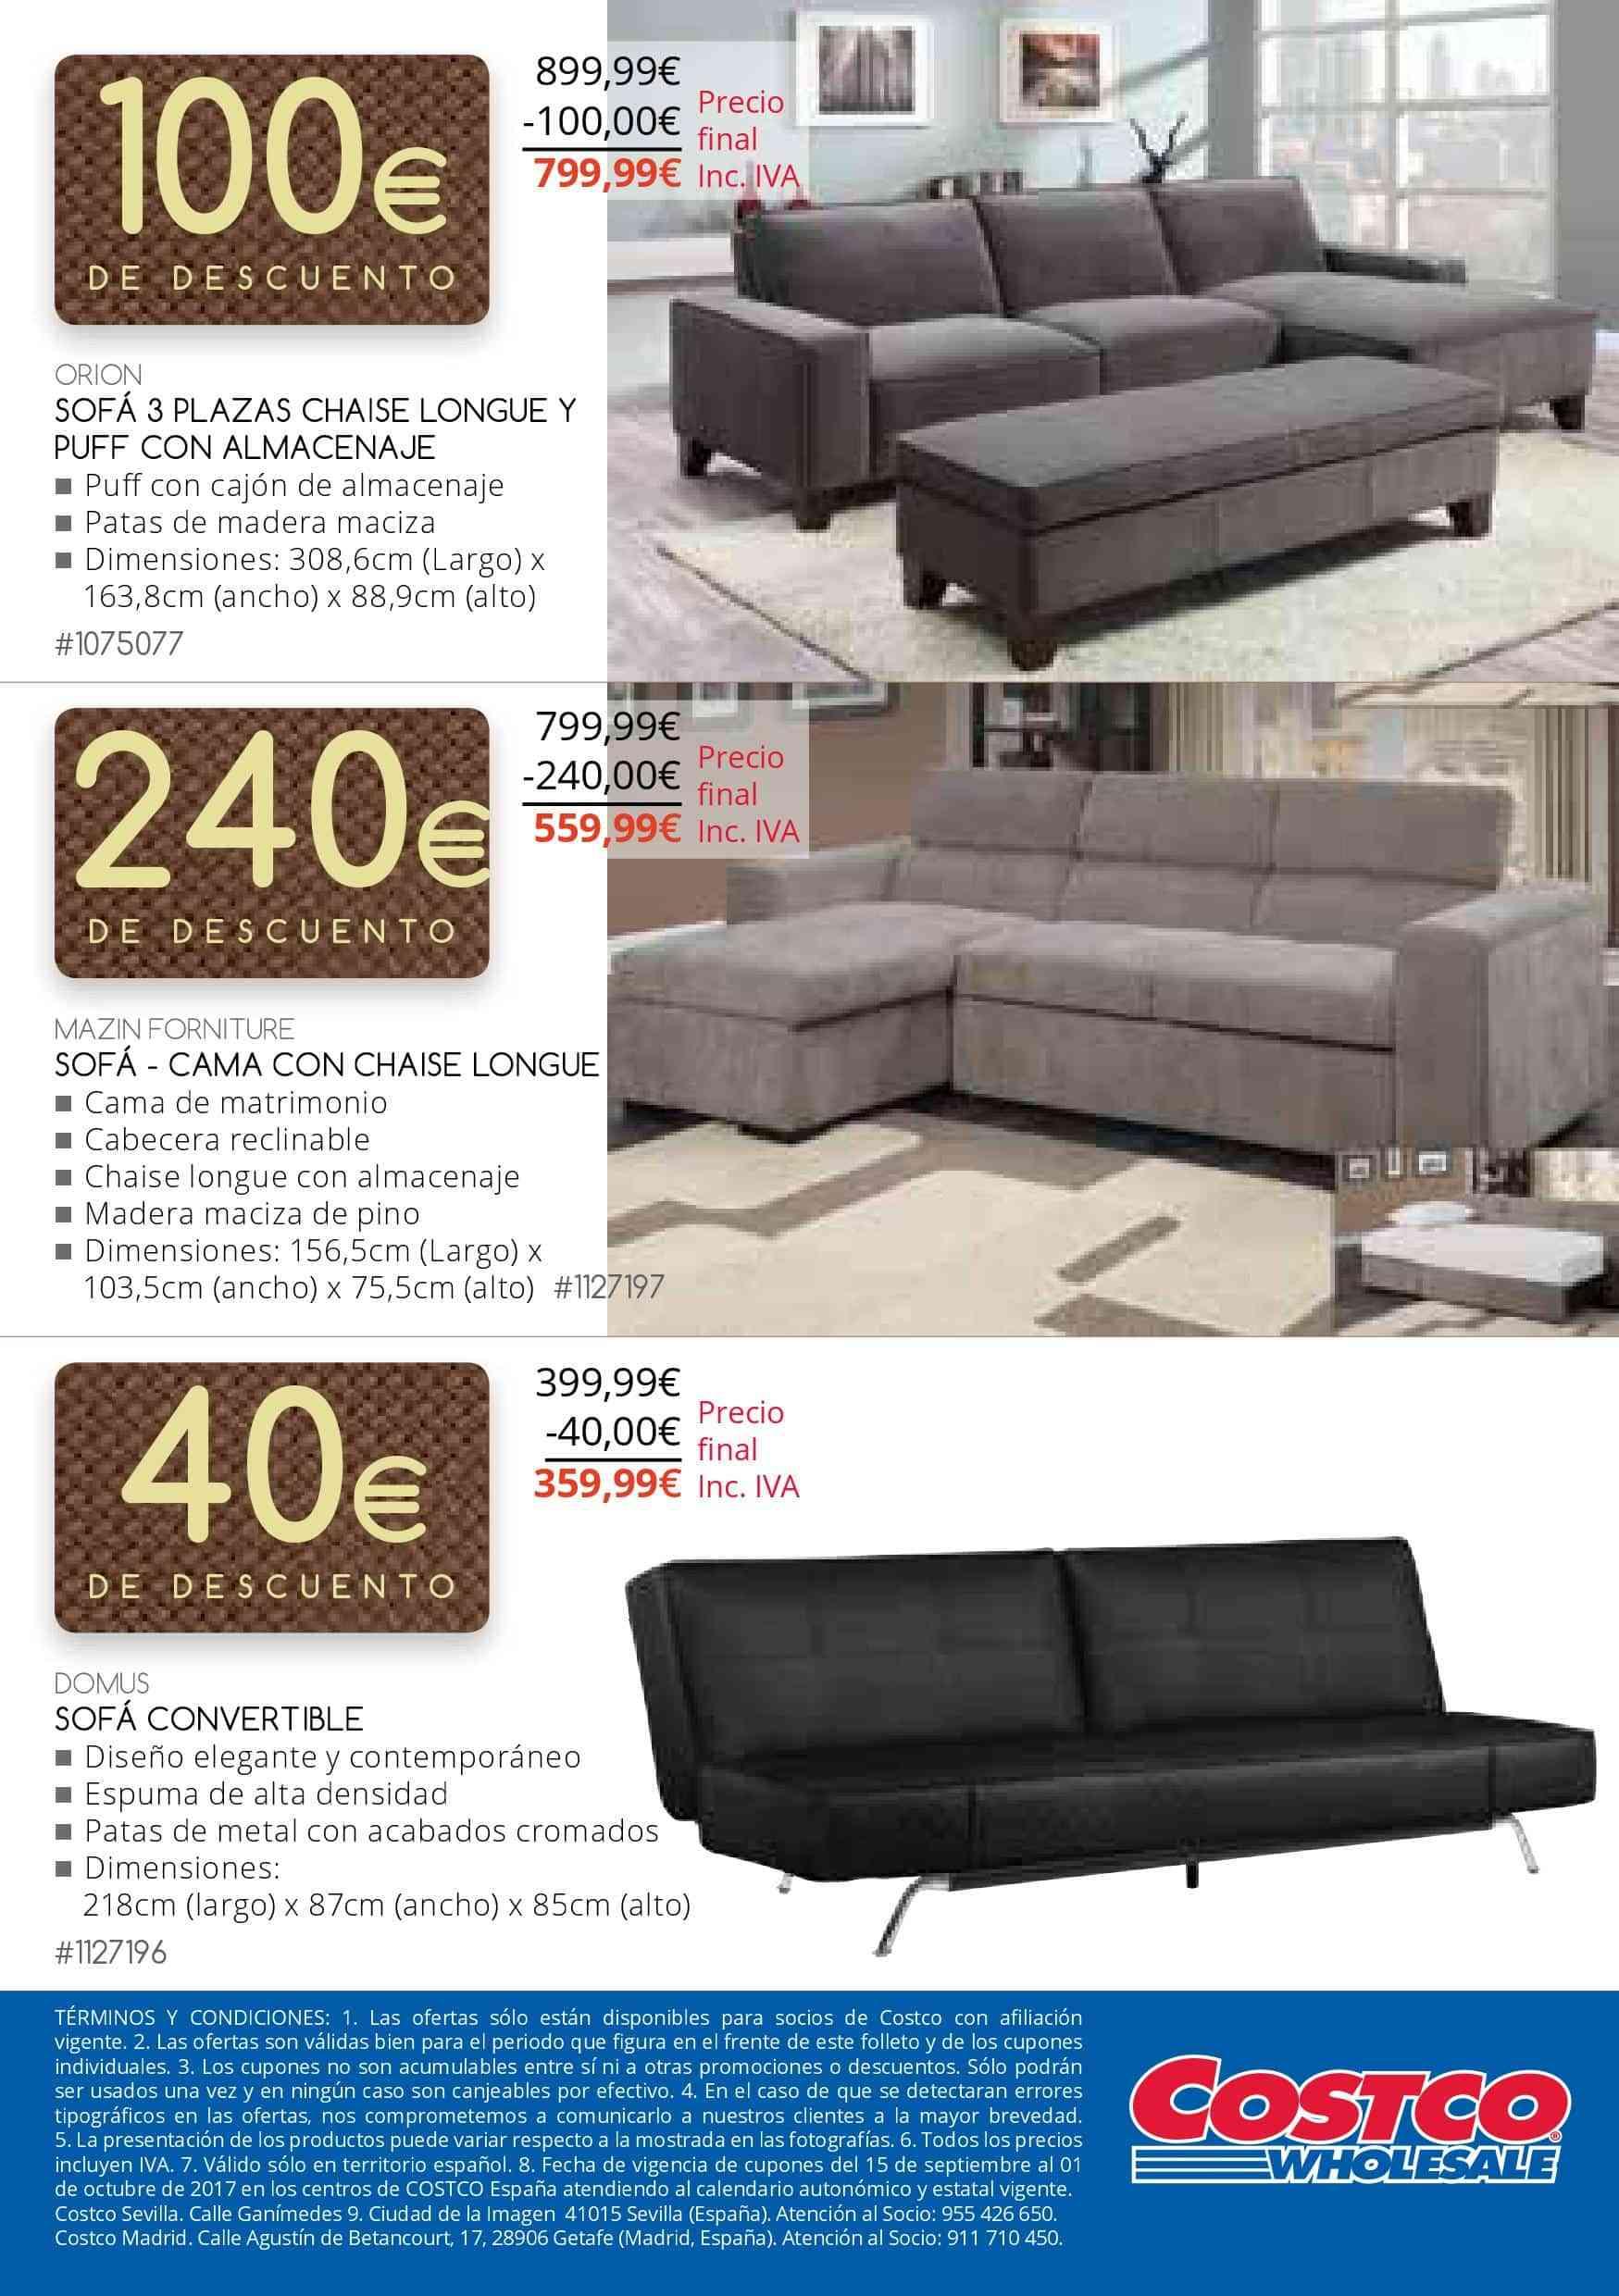 Único Muebles De Exterior Cubre Costco Componente - Muebles Para ...